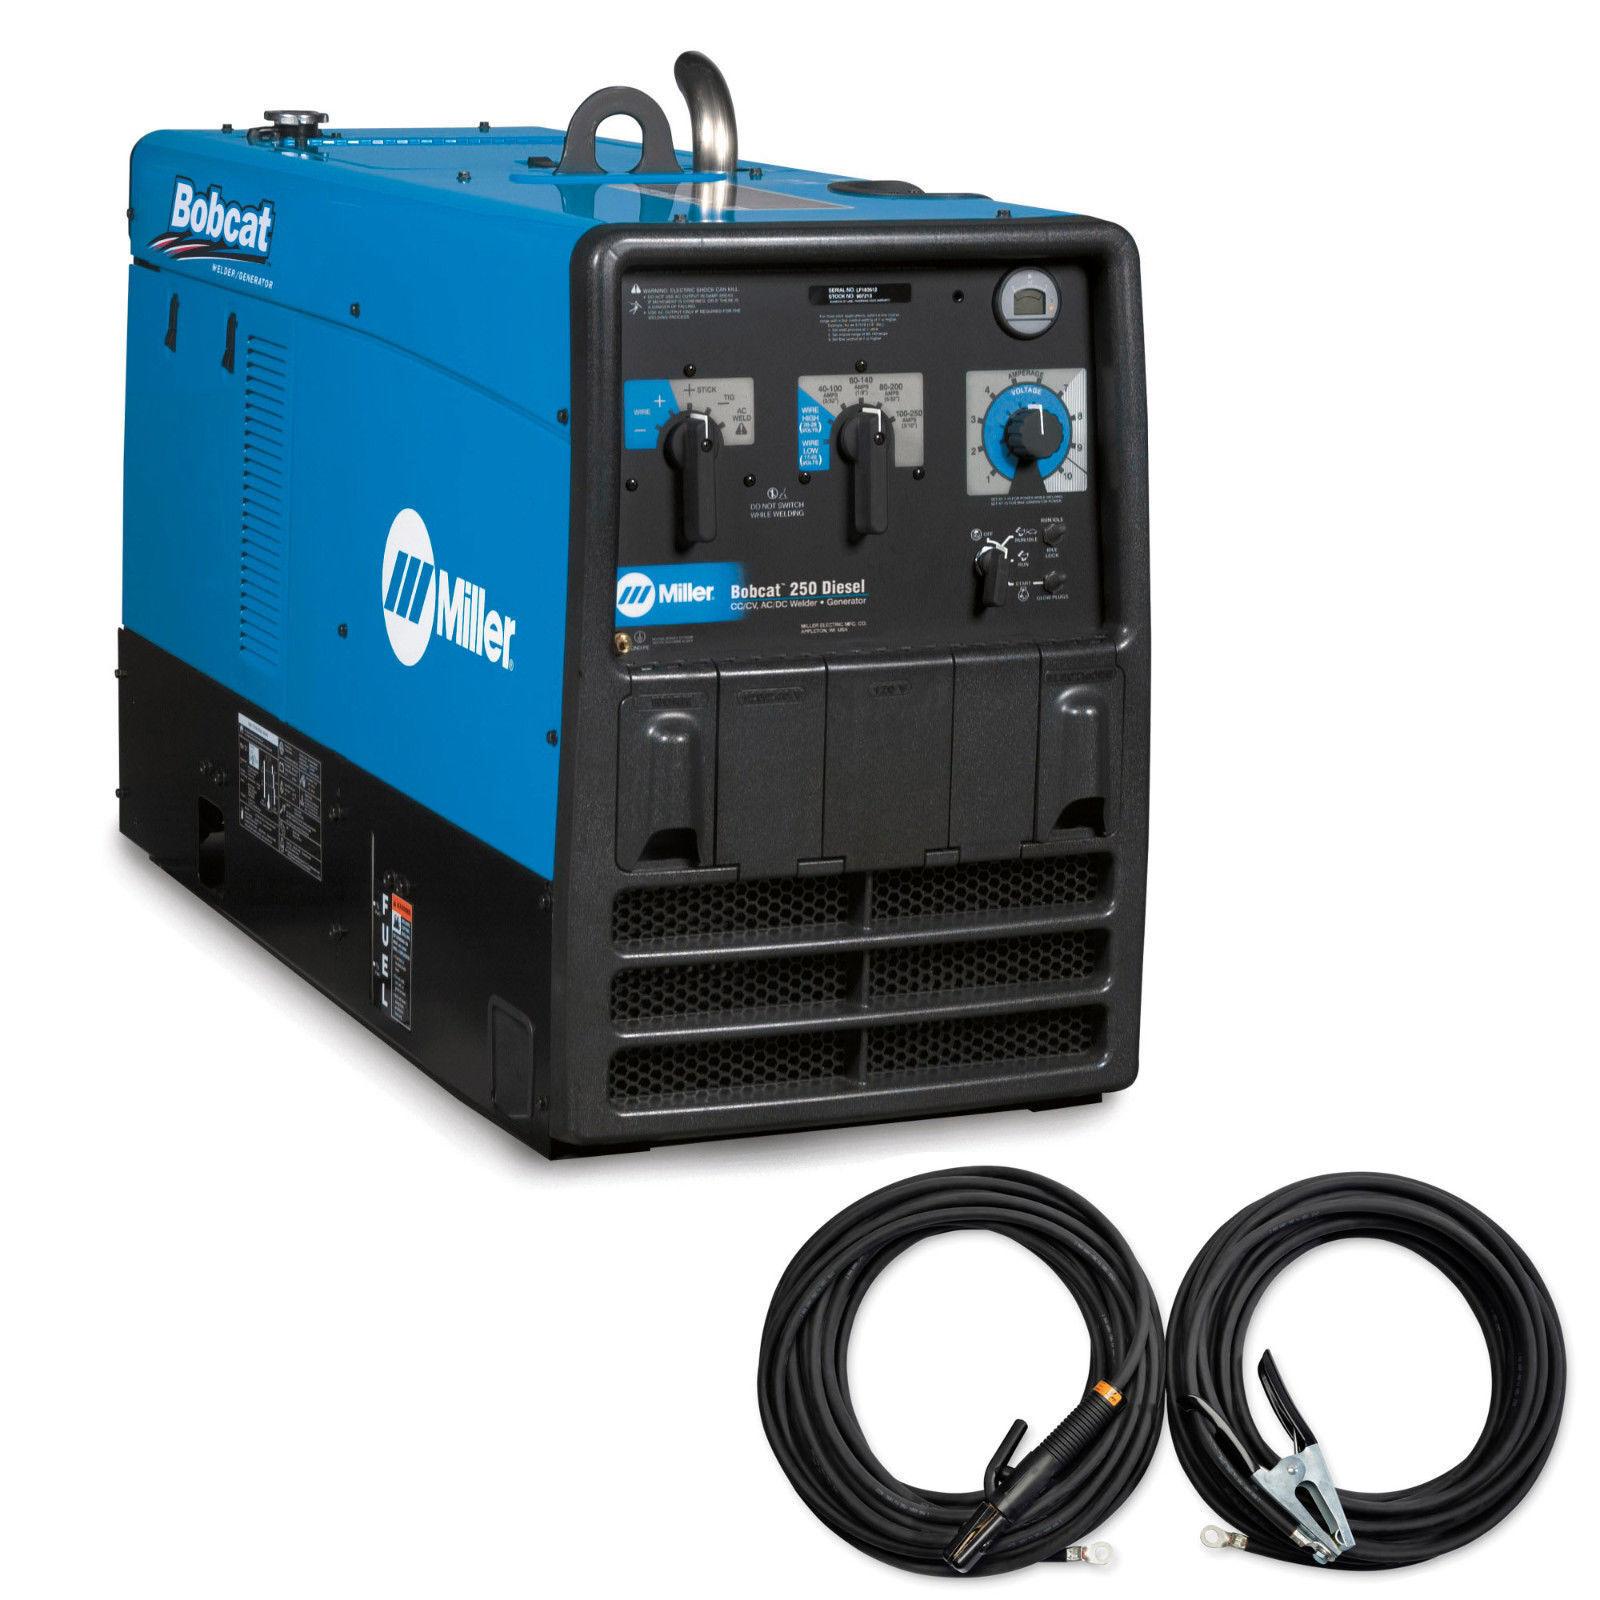 Miller 907565 Bobcat 250 Diesel Welder Generator With Gfci Ebay Welding Diagram Stock Photo